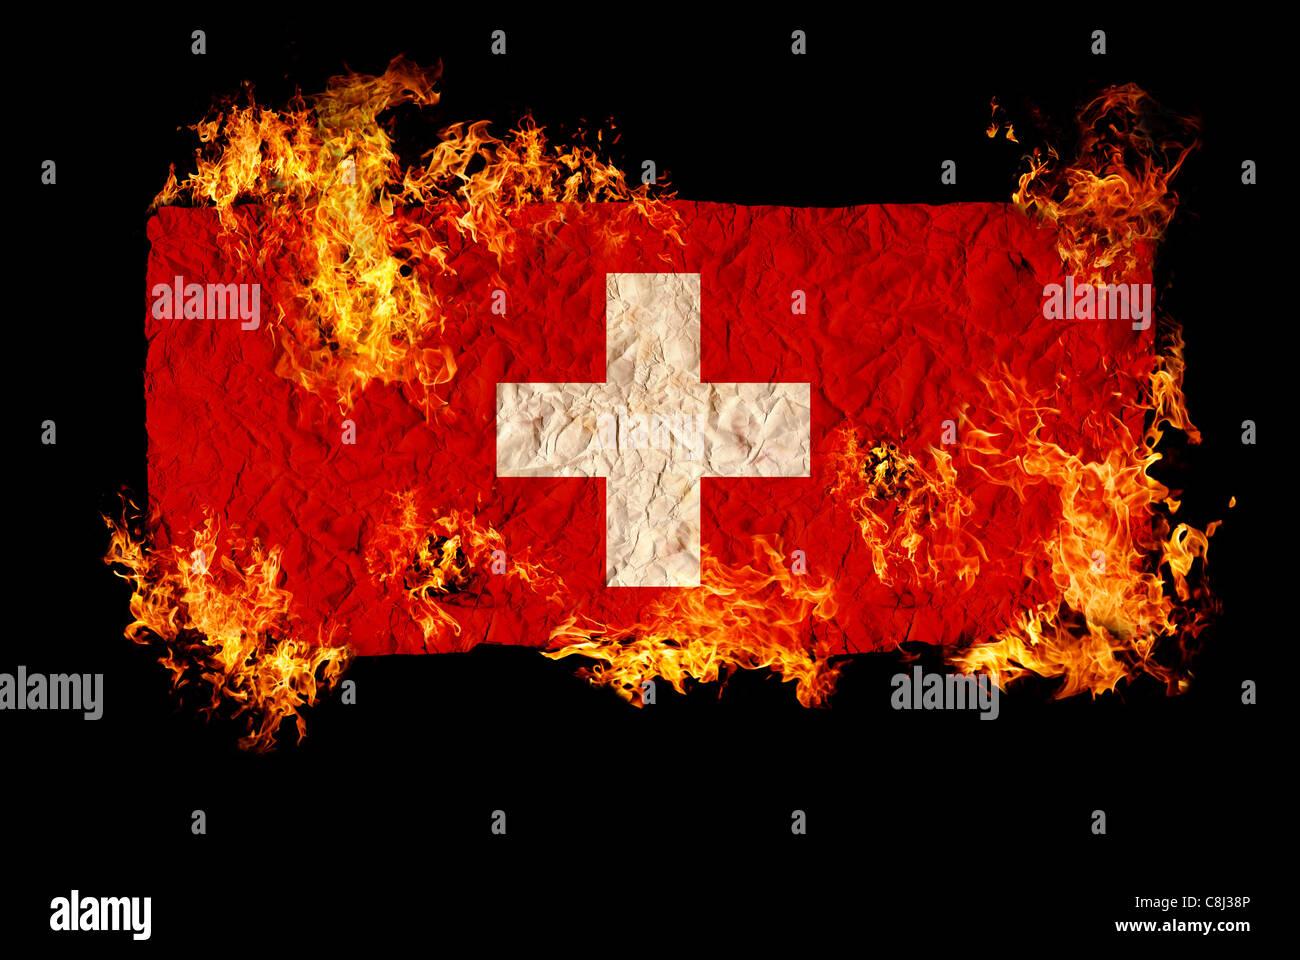 National Symbols And Flag Of Switzerland Stock Photo 39735718 Alamy